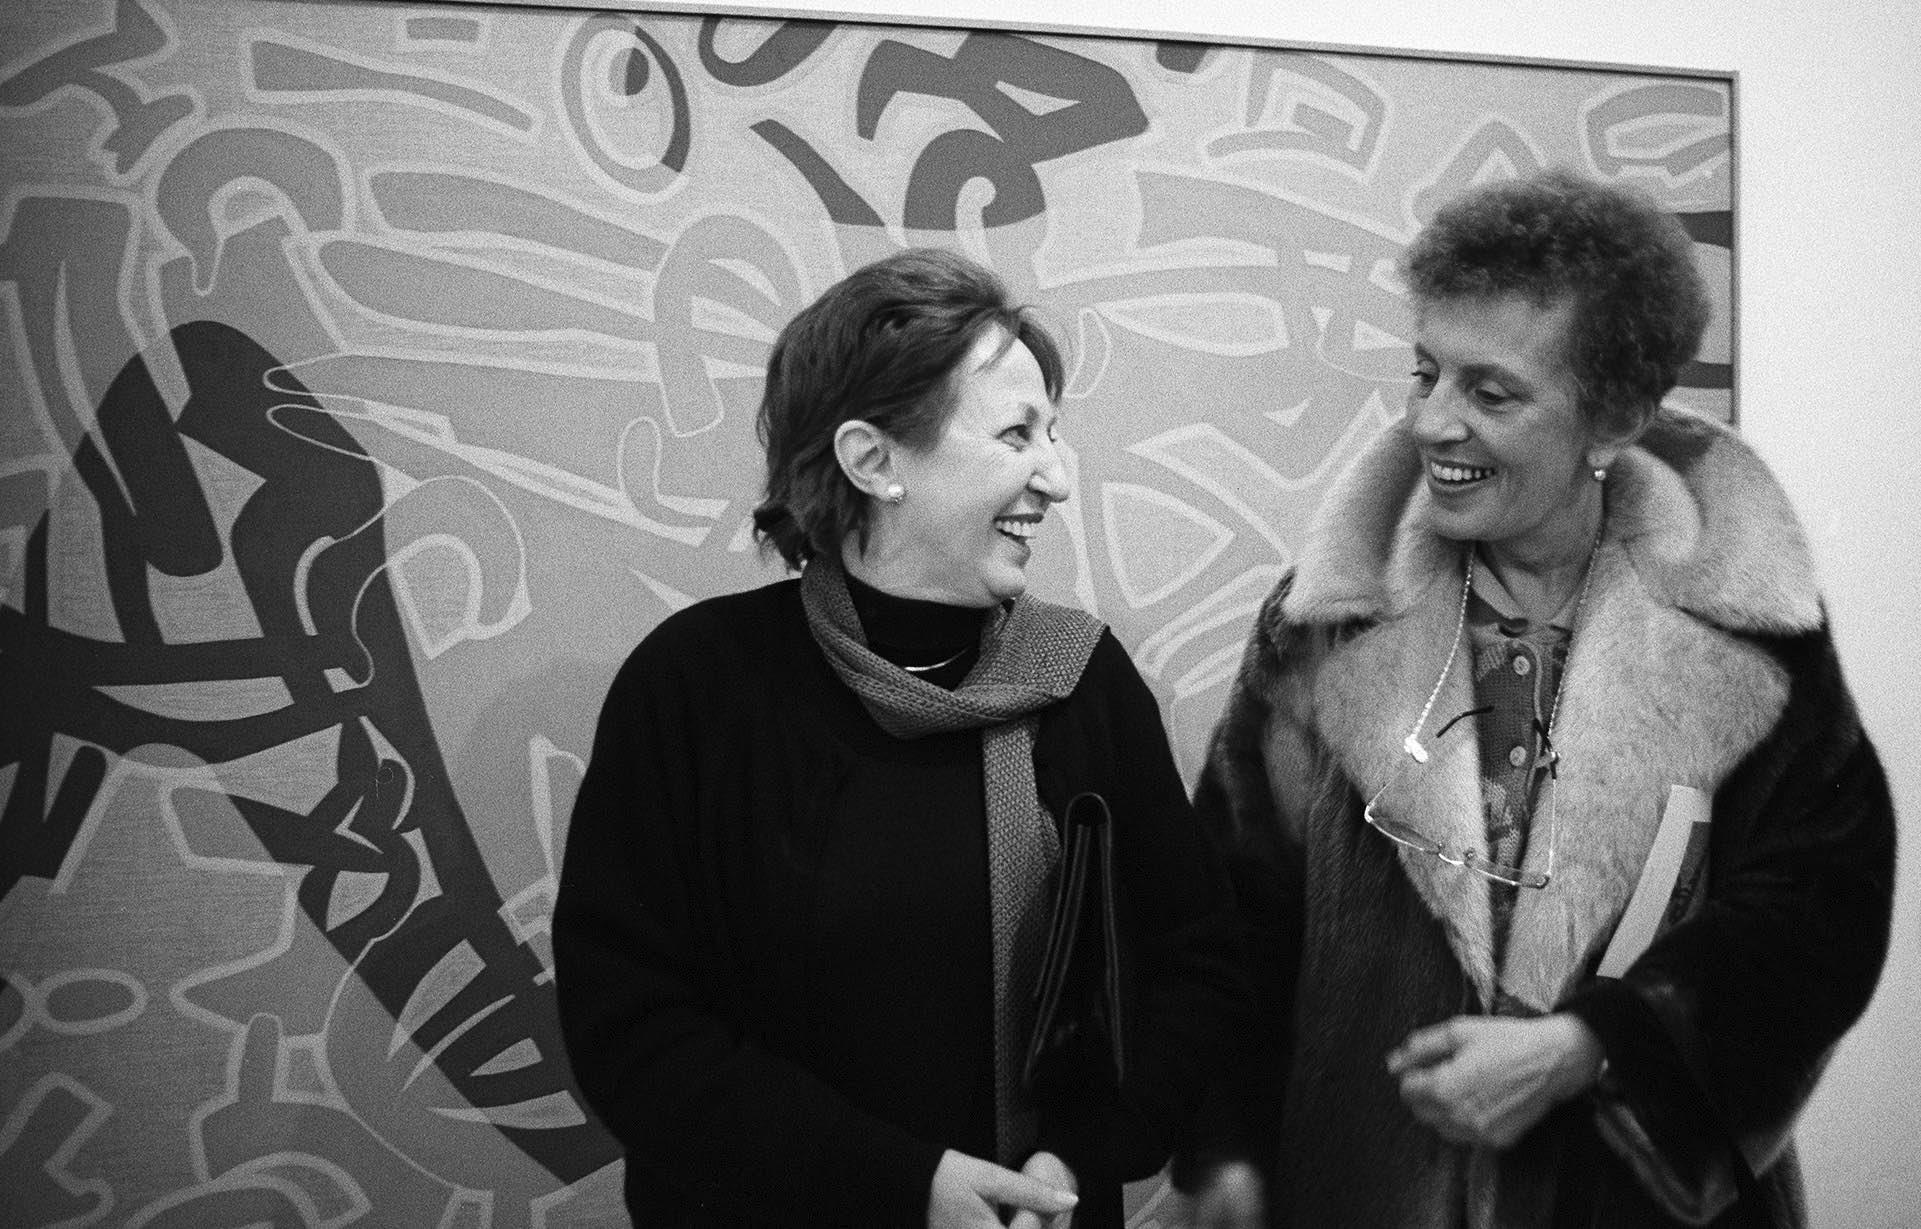 Tra segno e trasparenza. Carla Accardi e Dadamaino in scena da Tornabuoni Art Parigi